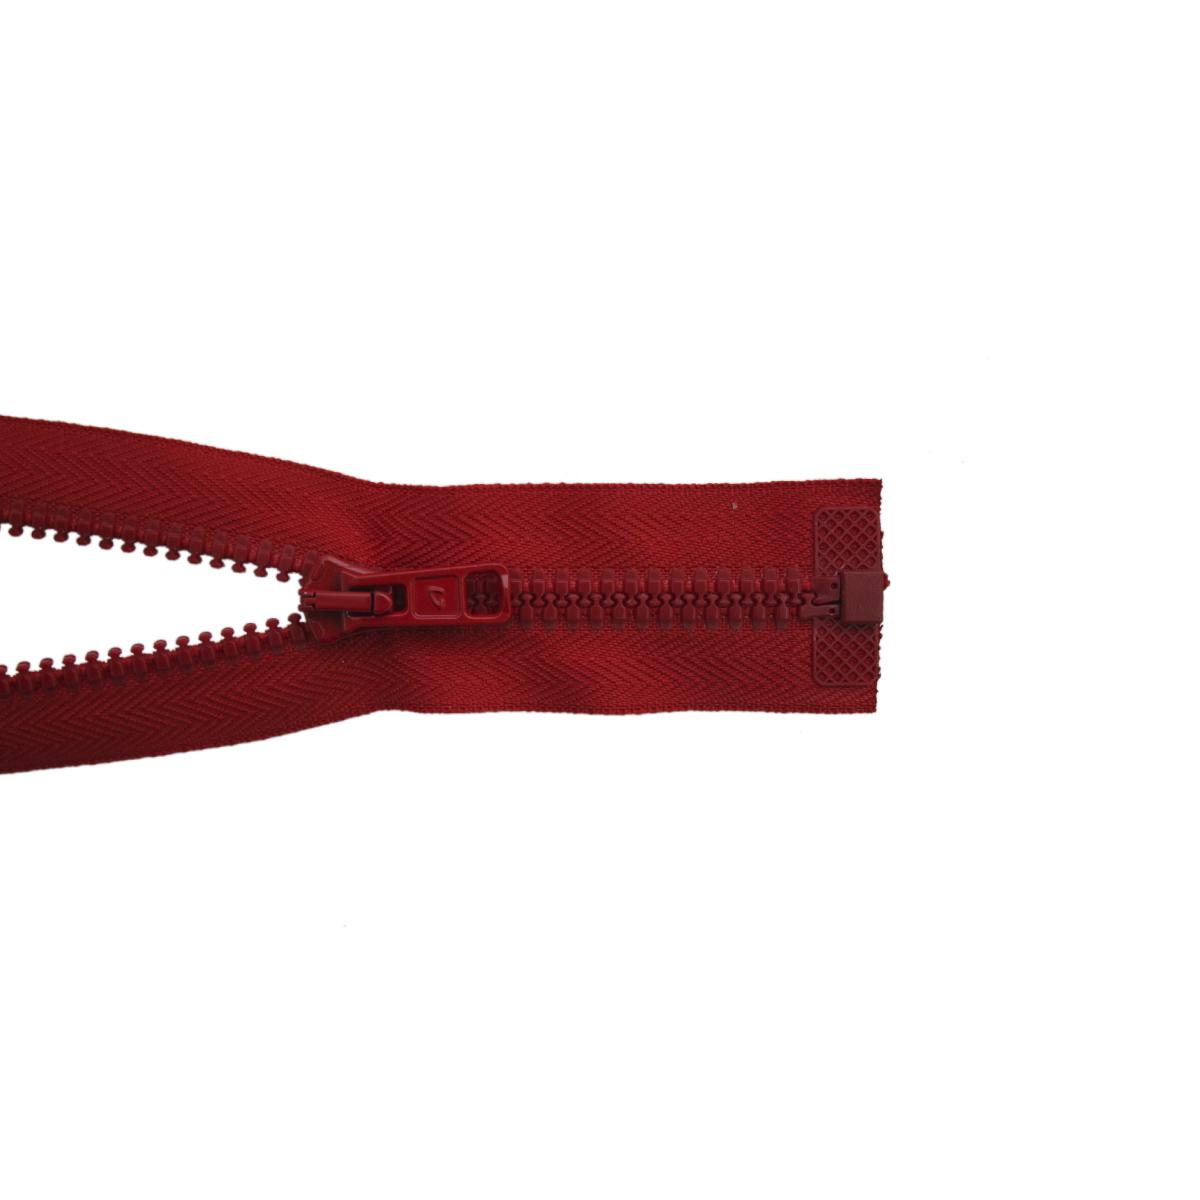 Застежка-молния трактор Arta-F, разъемная (1 замок,Т6) , цвет: красный (008), 45 см19345-008Продукция ARTA-F сертифицирована на Российский, Британский и Латвийский стандарт. Фурнитура ARTA-F изготавливается из европейских материалов, на современном оборудовании, в соответствии с высокими требованиями стандартов. Вся продукция фабрики проходит тесты на качество.Звено застежки-молнии Экстра имеет боковые приливы, которые исключают контакт замка с текстильной лентой, а сокращенный до минимума зазор между замком и приливами звена предохраняет от возможности попадания в замок подкладки, меха, нитей. В то же время эти меры повышают прочность застежки при высоких нагрузках, особенно на изгиб. Применение таких приливов на молниях ARTA-F не только повышает эксплуатационные качества застежки, но и увеличивает прочность крепления звена к ленте, и продлевает срок службы застежек-молний ARTA-F. Такая застежка-молния безопасна, легка в использовании и не повредит одежду.